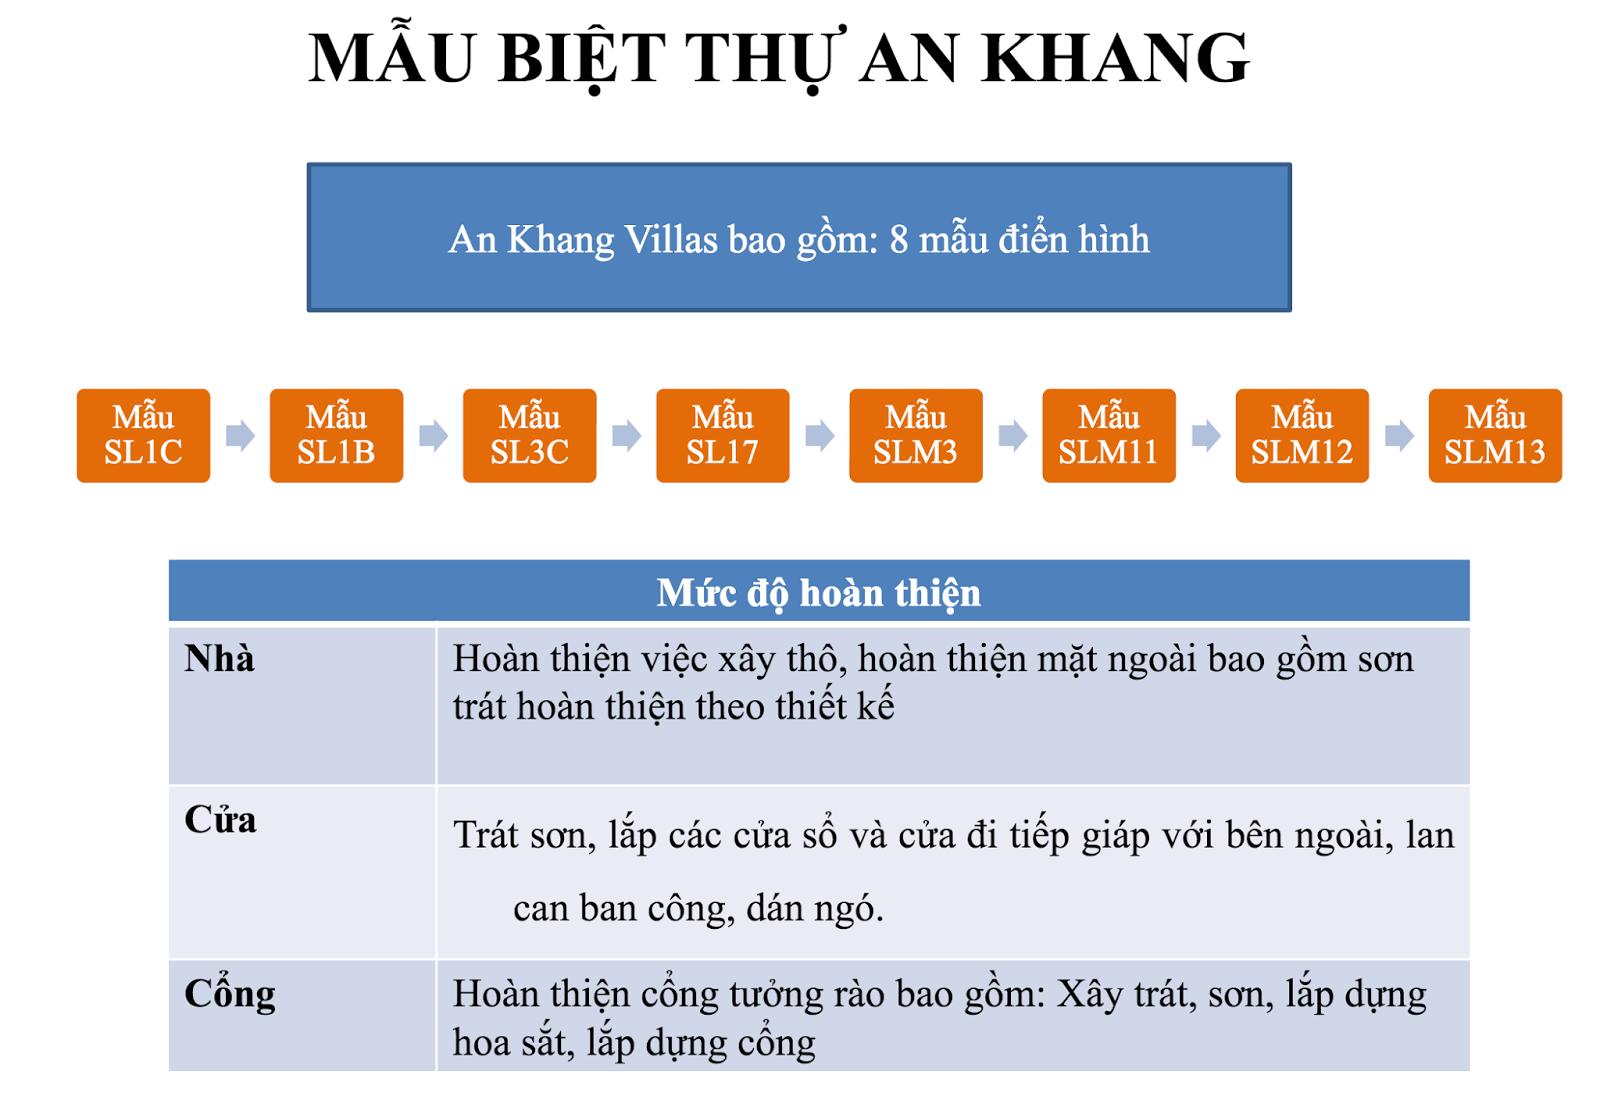 hoan-thien-an-khang-villas